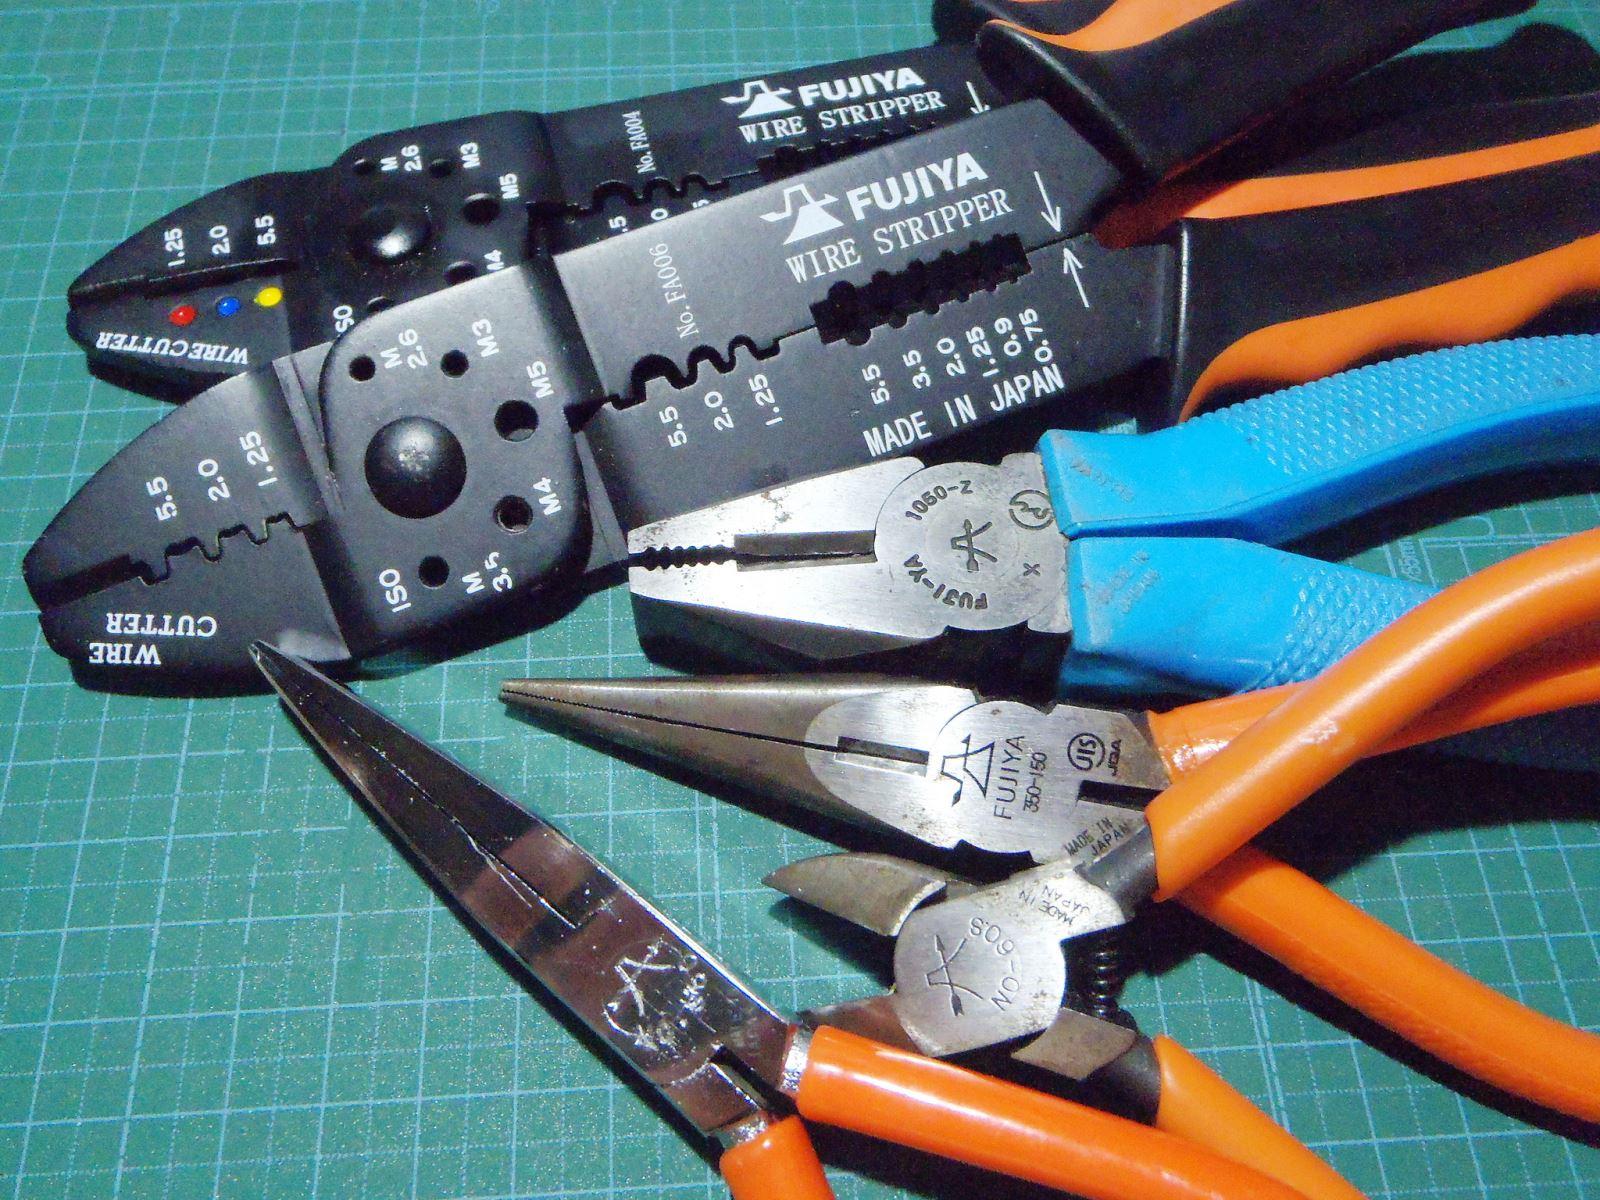 Giá kìm điện Fujiya phổ biến trên thị trường